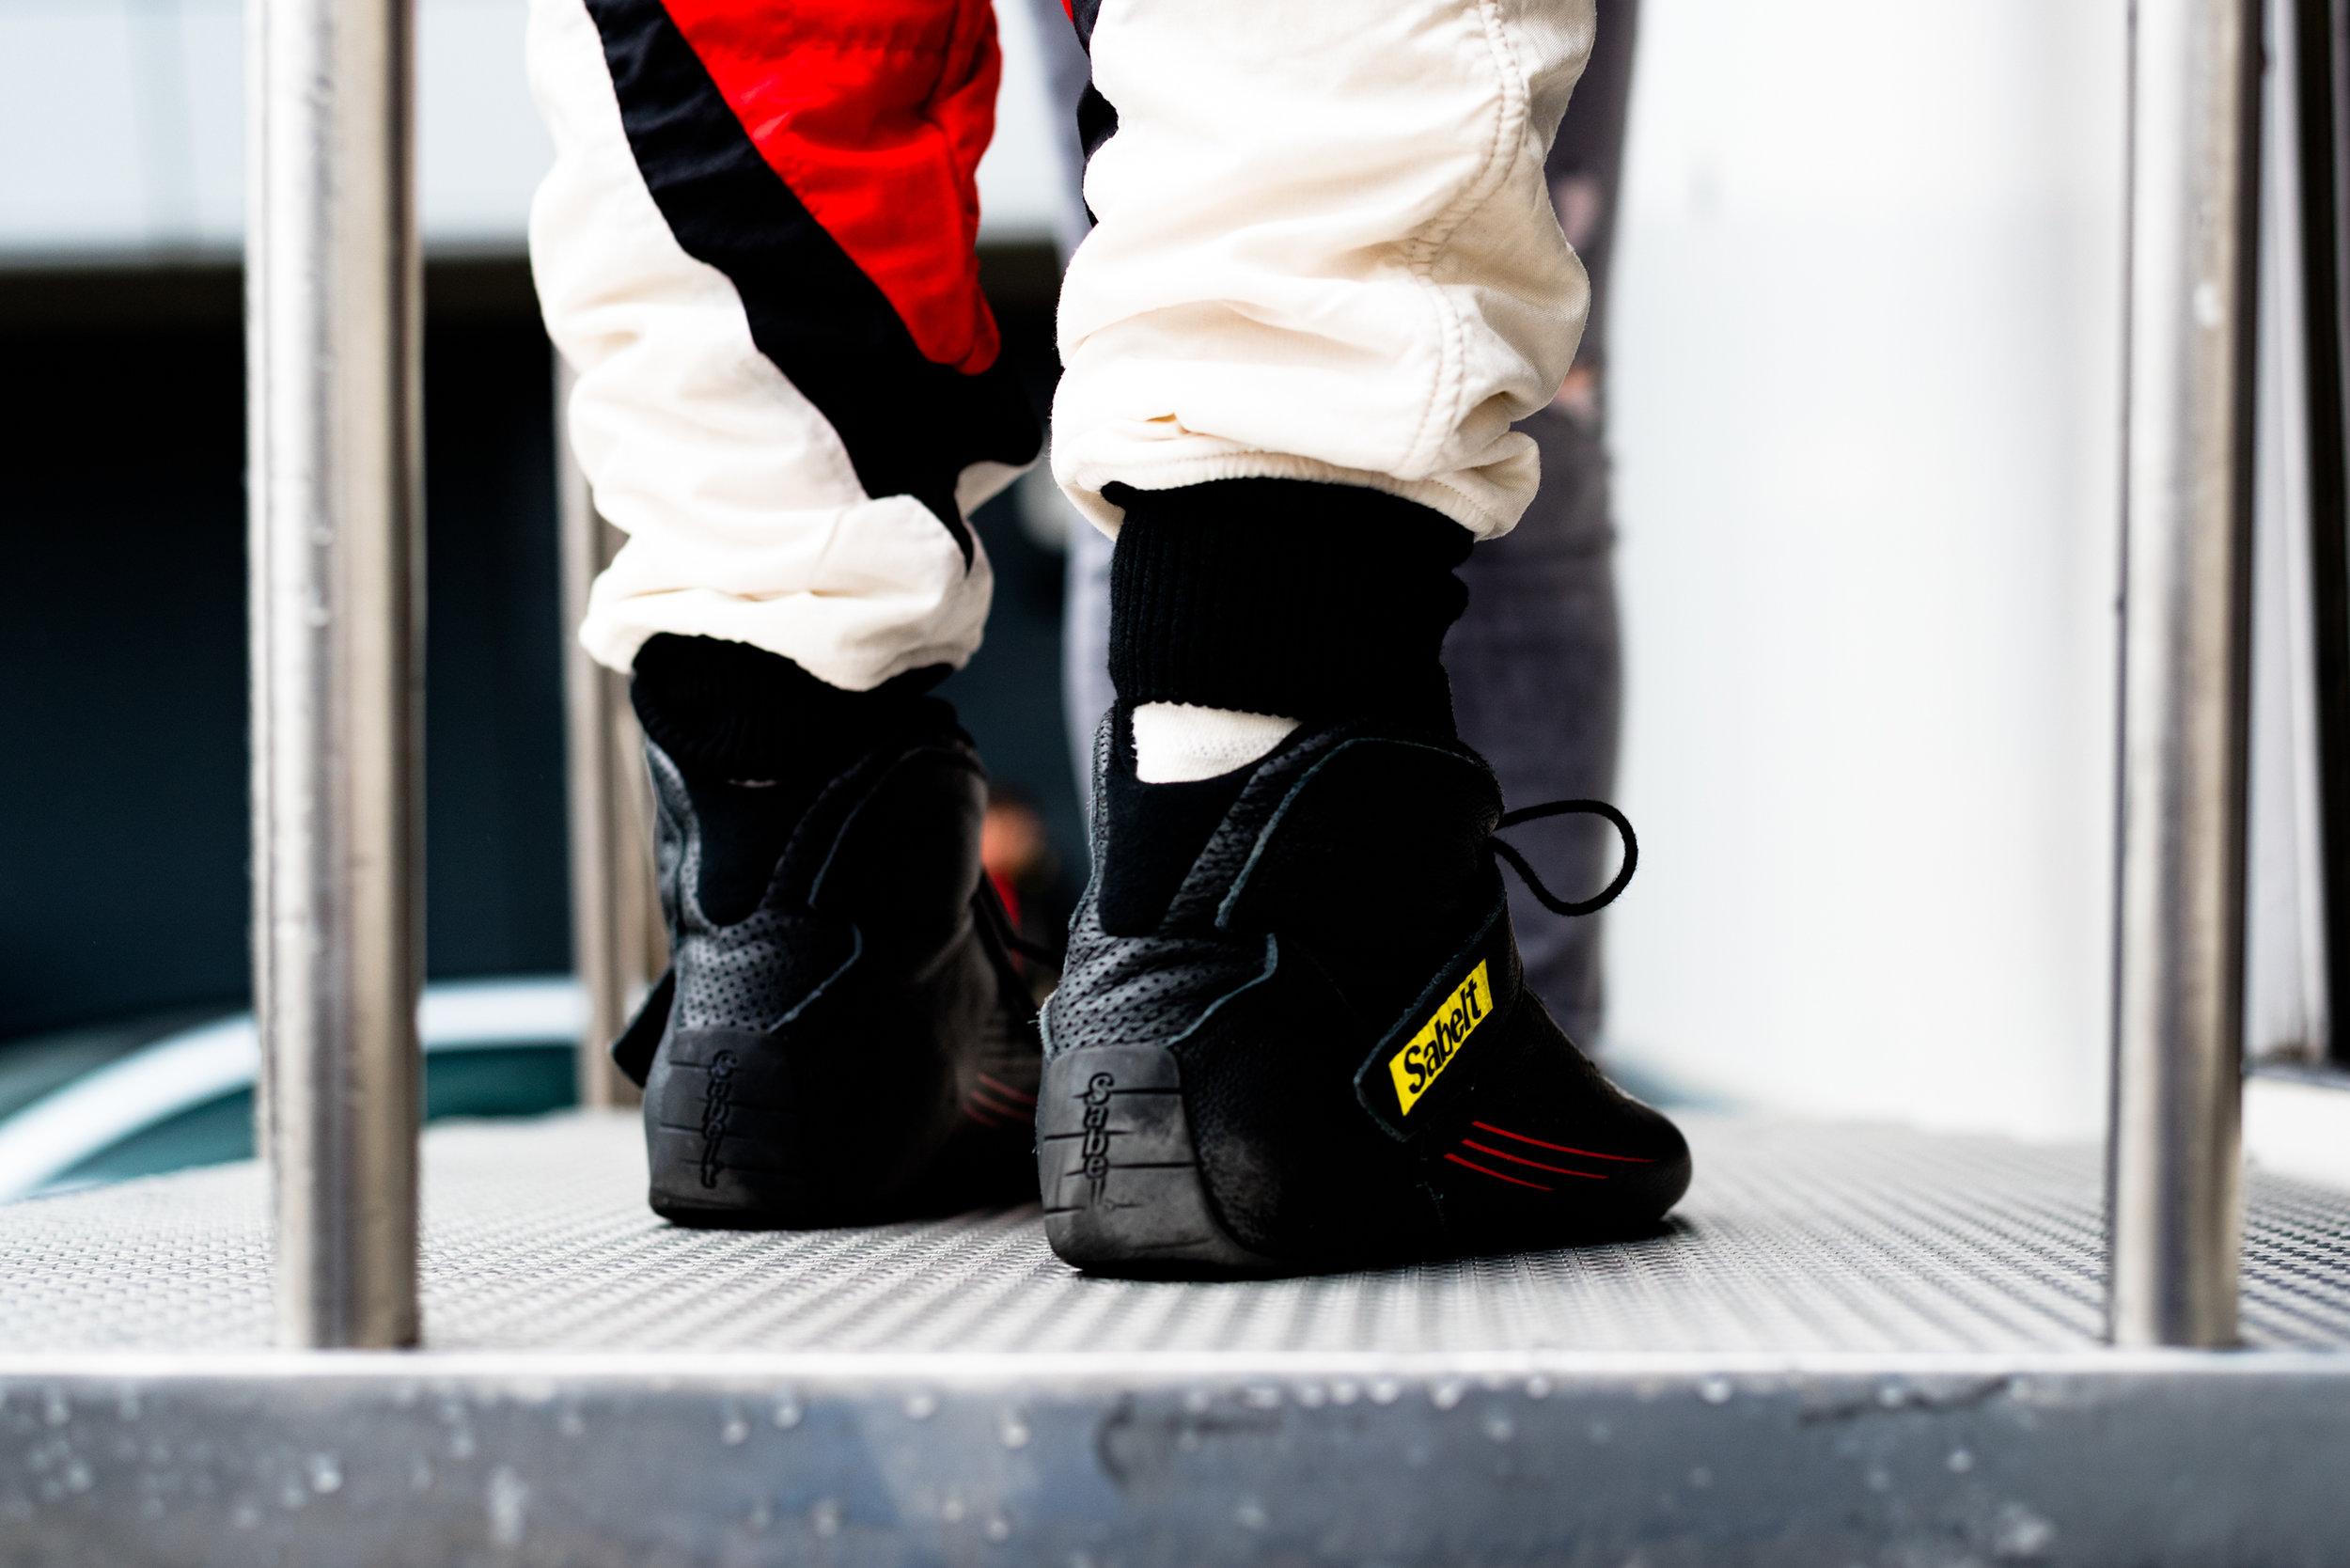 Ferrari Challege 2018 Silverstone-5.jpg